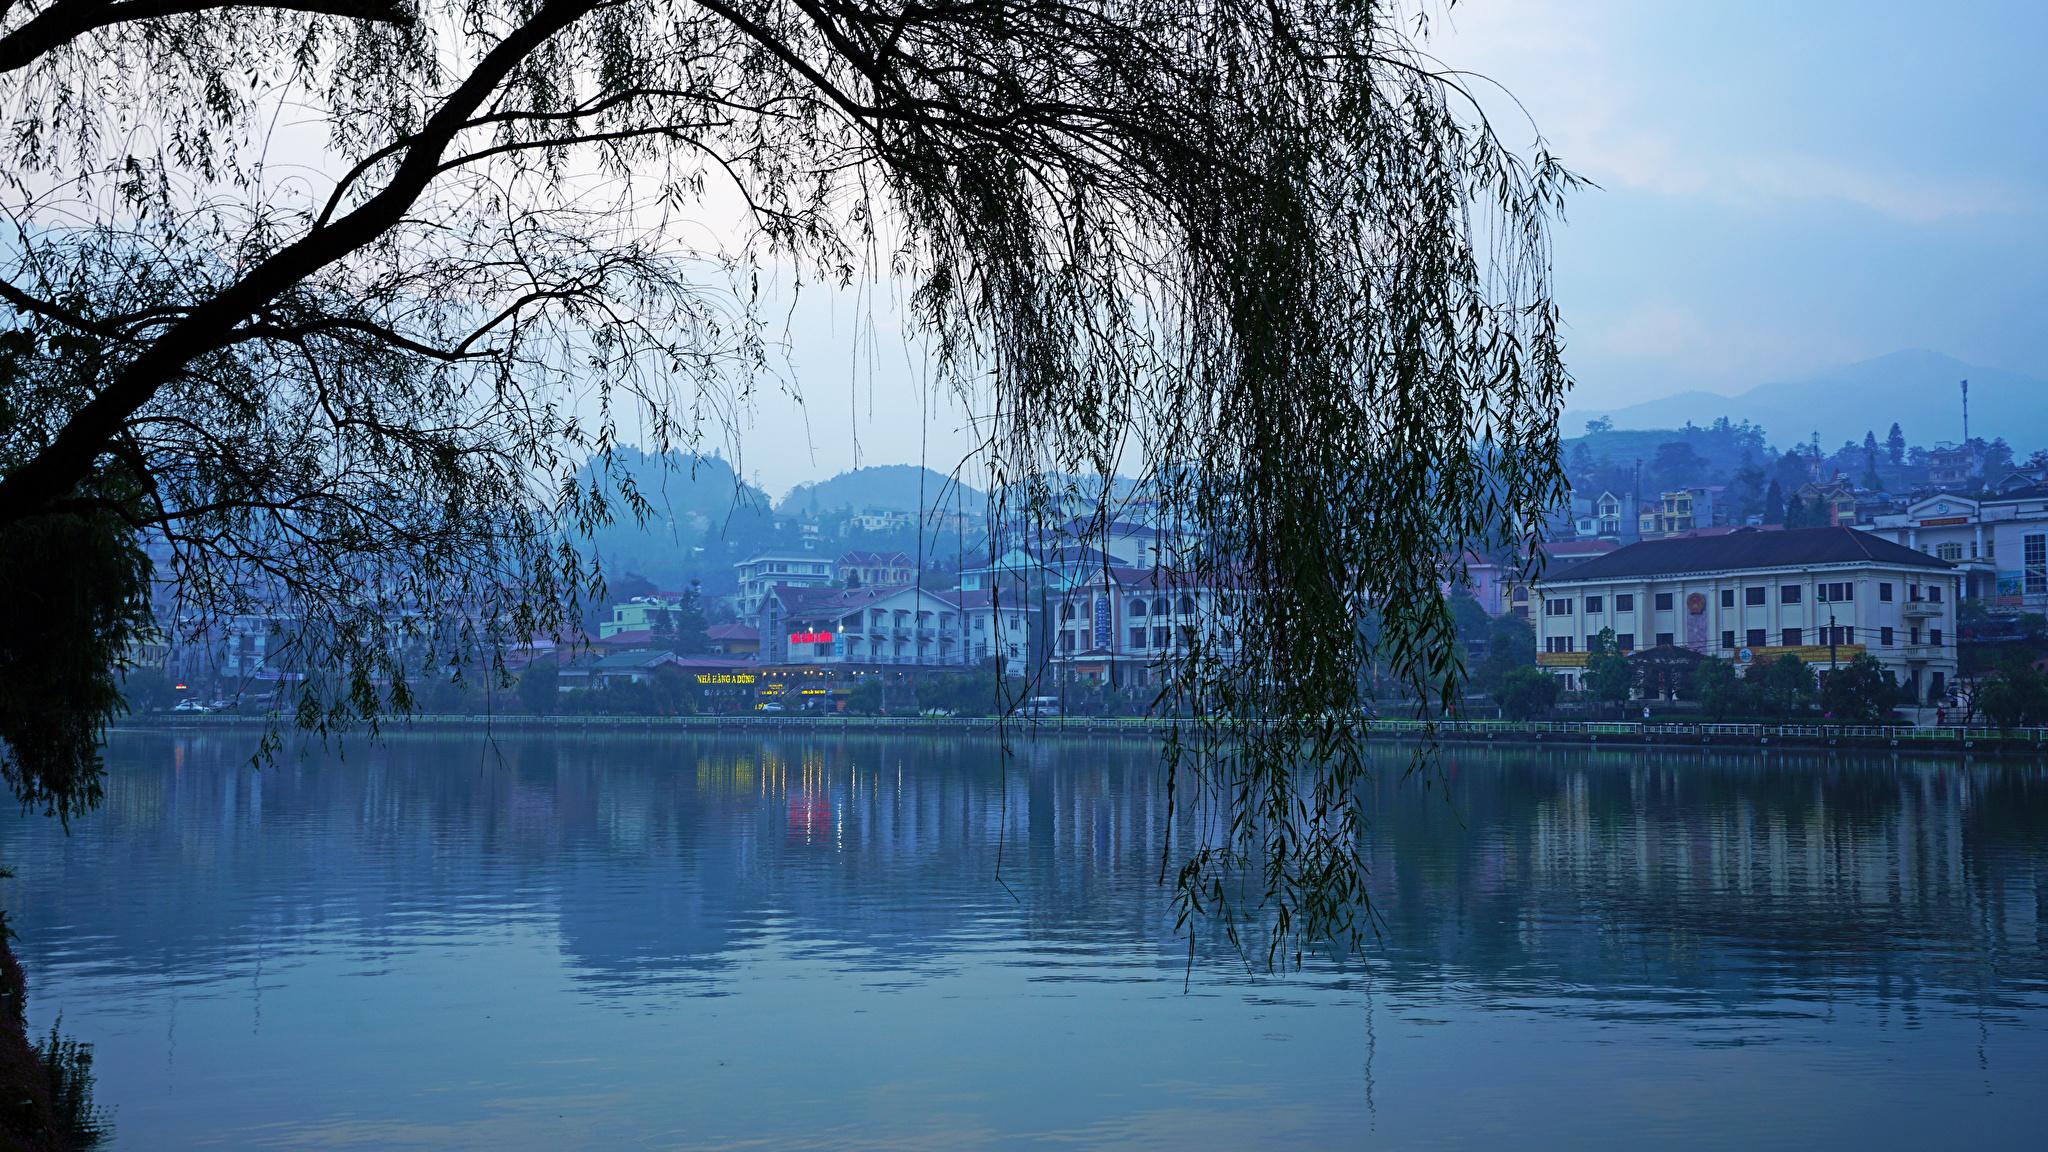 Bilder Vietnam Lao Cai Ast Abend Flusse Städte Gebäude 2048x1152 Haus